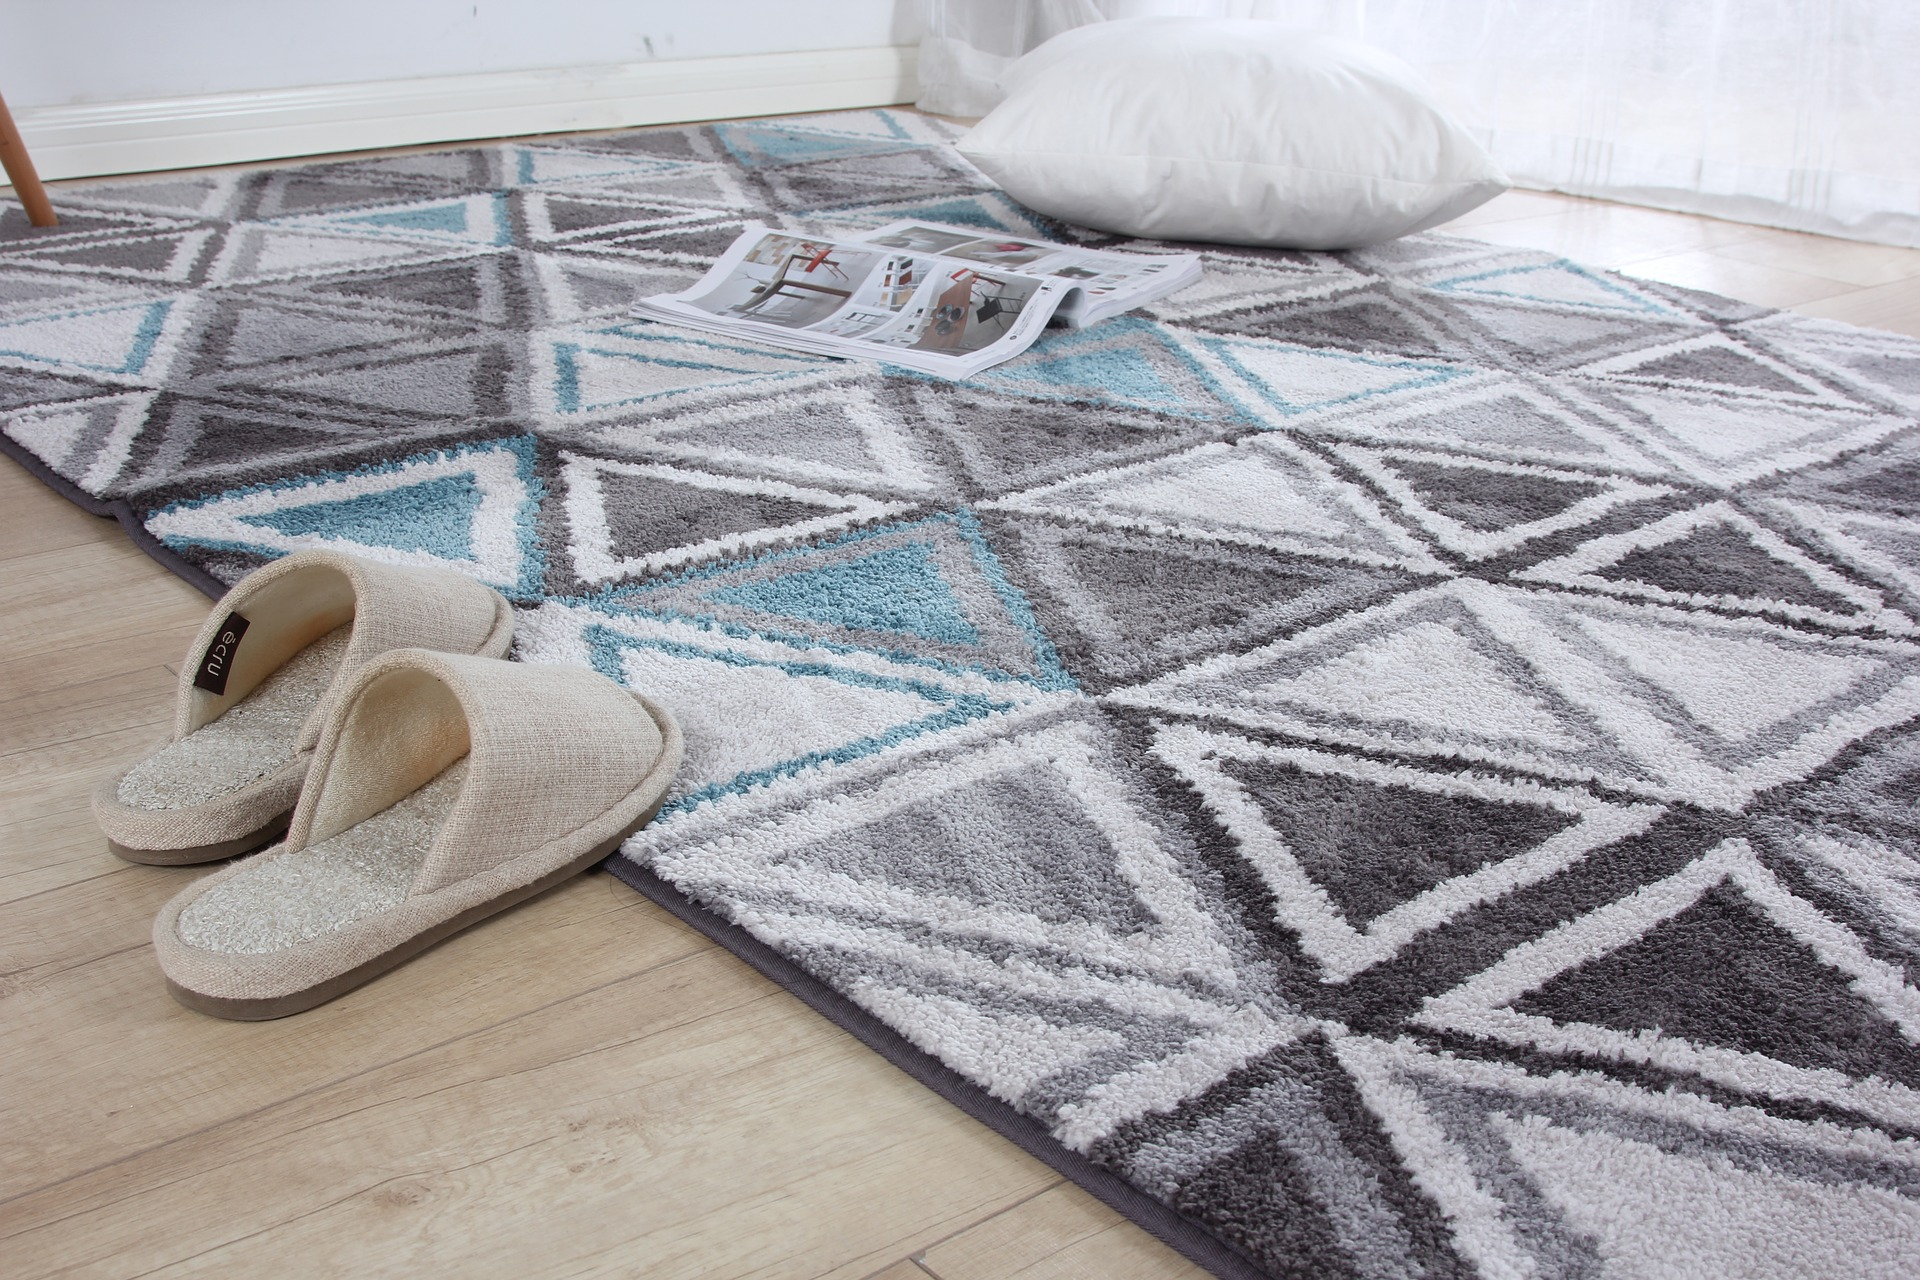 carpet-2935773_1920